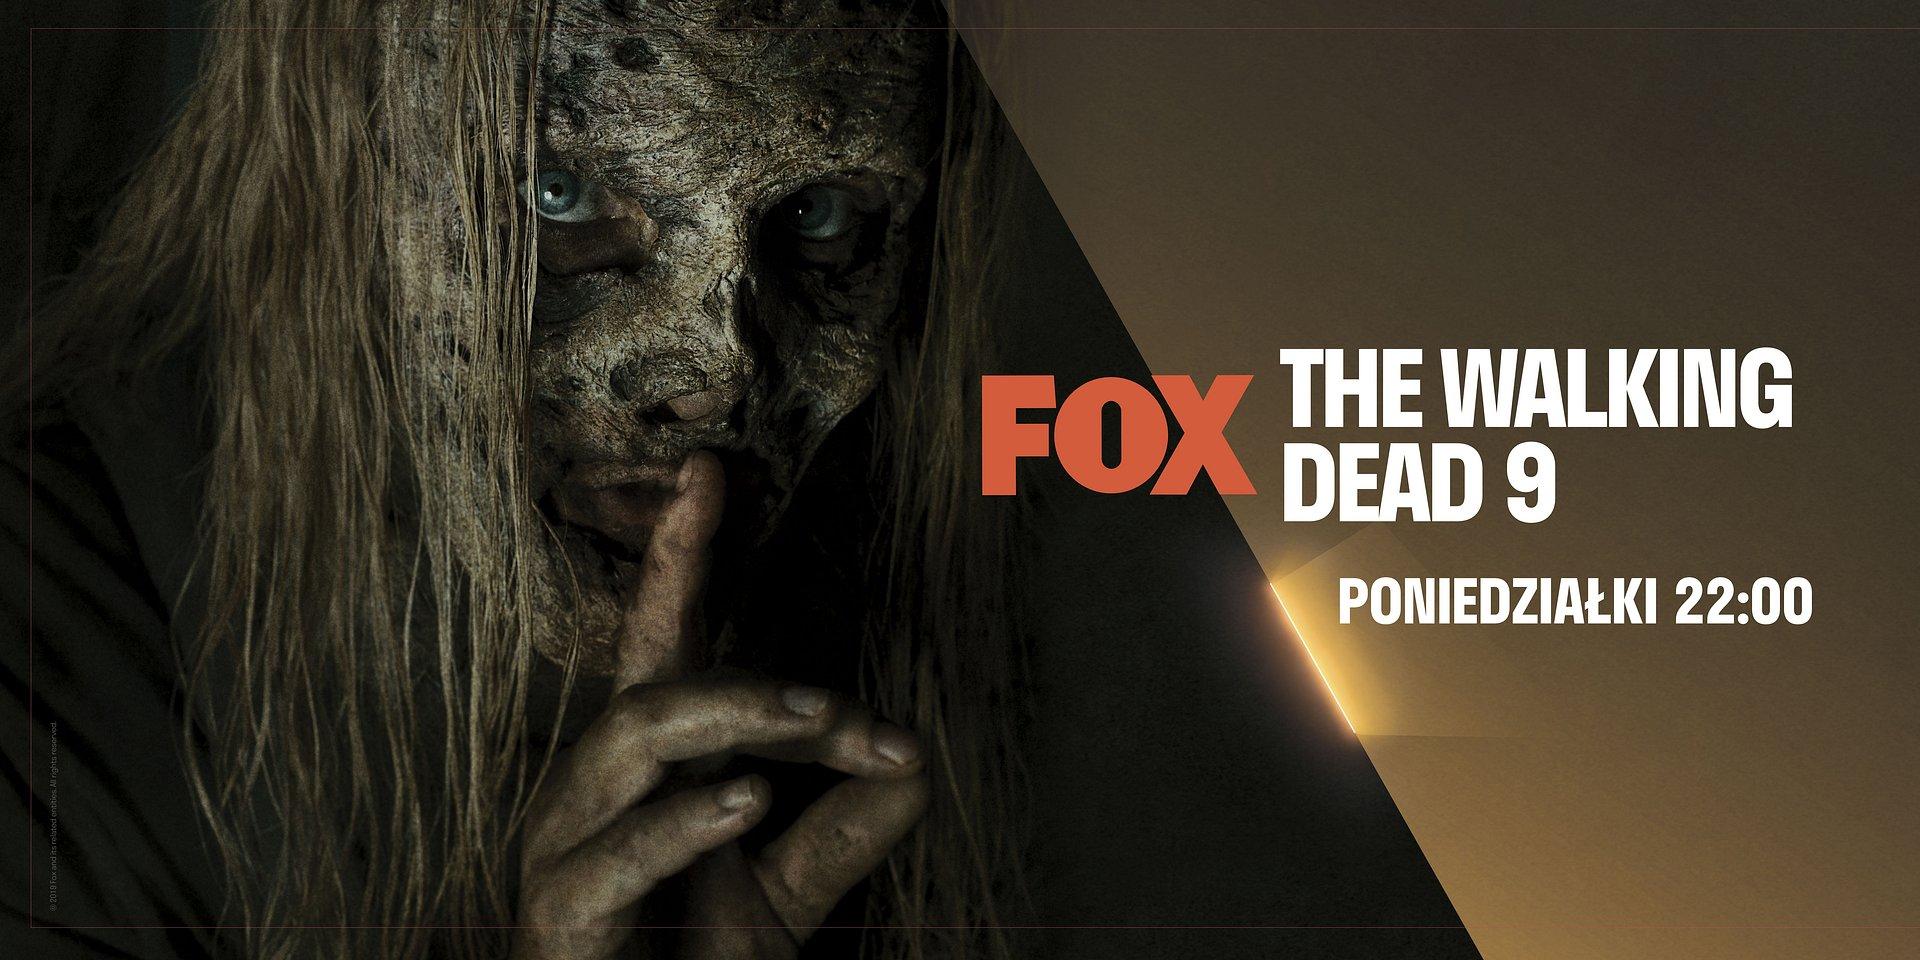 Szepty słychać nie tylko po zmroku! Druga połowa 9. sezonu The Walking Dead już 11 lutego na FOX!